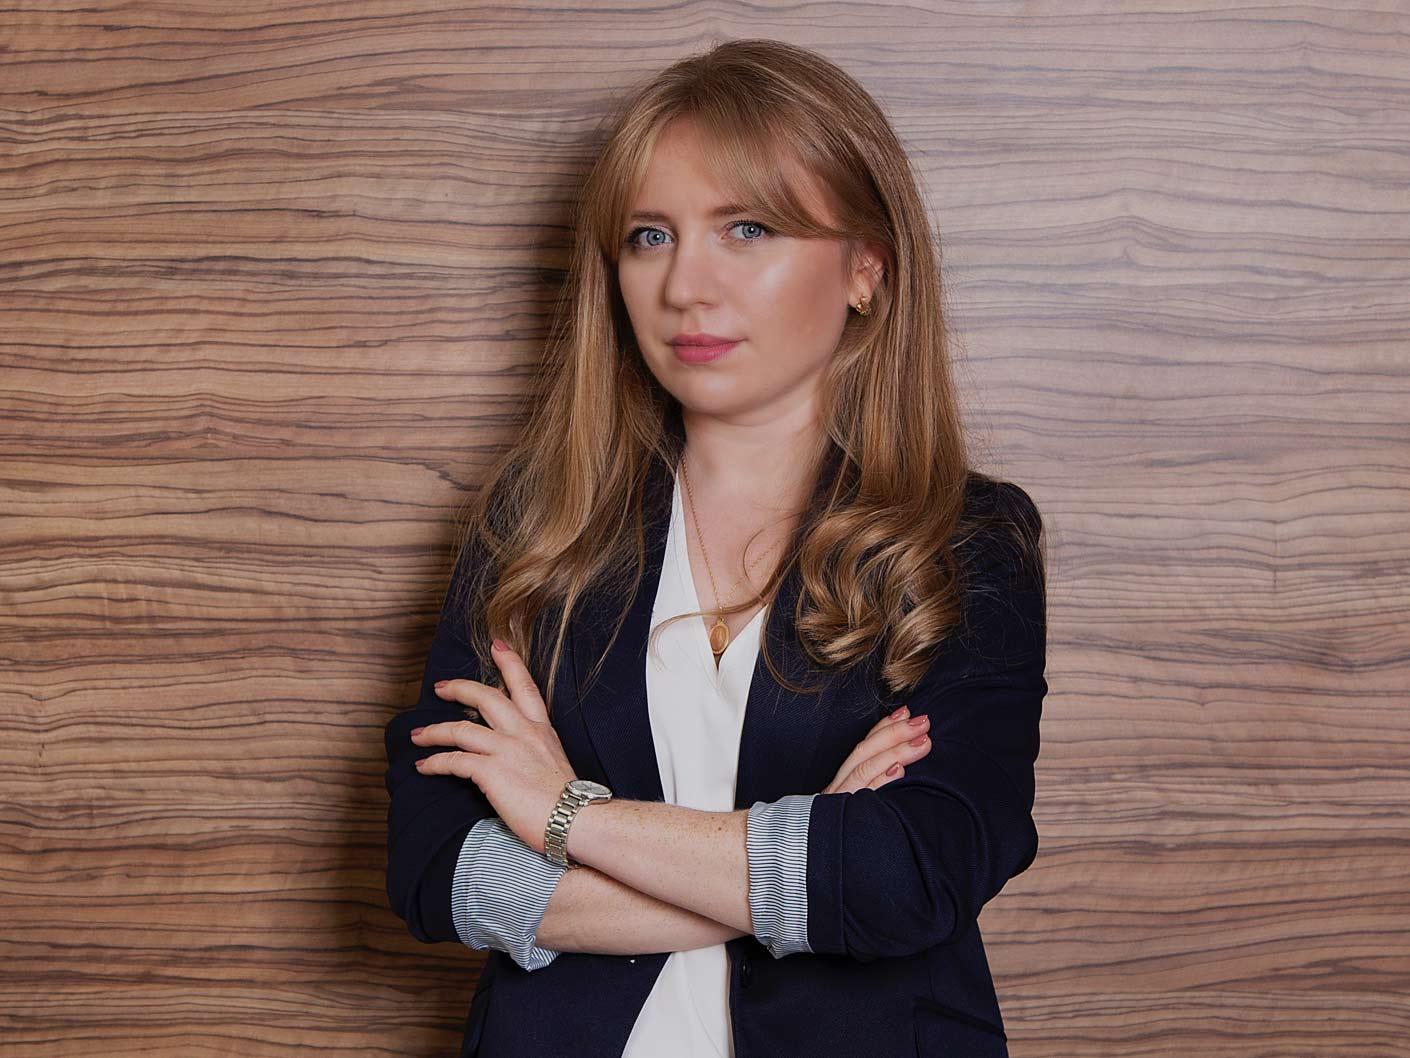 Тулянкина Екатерина, формирование и управление восприятием брендов